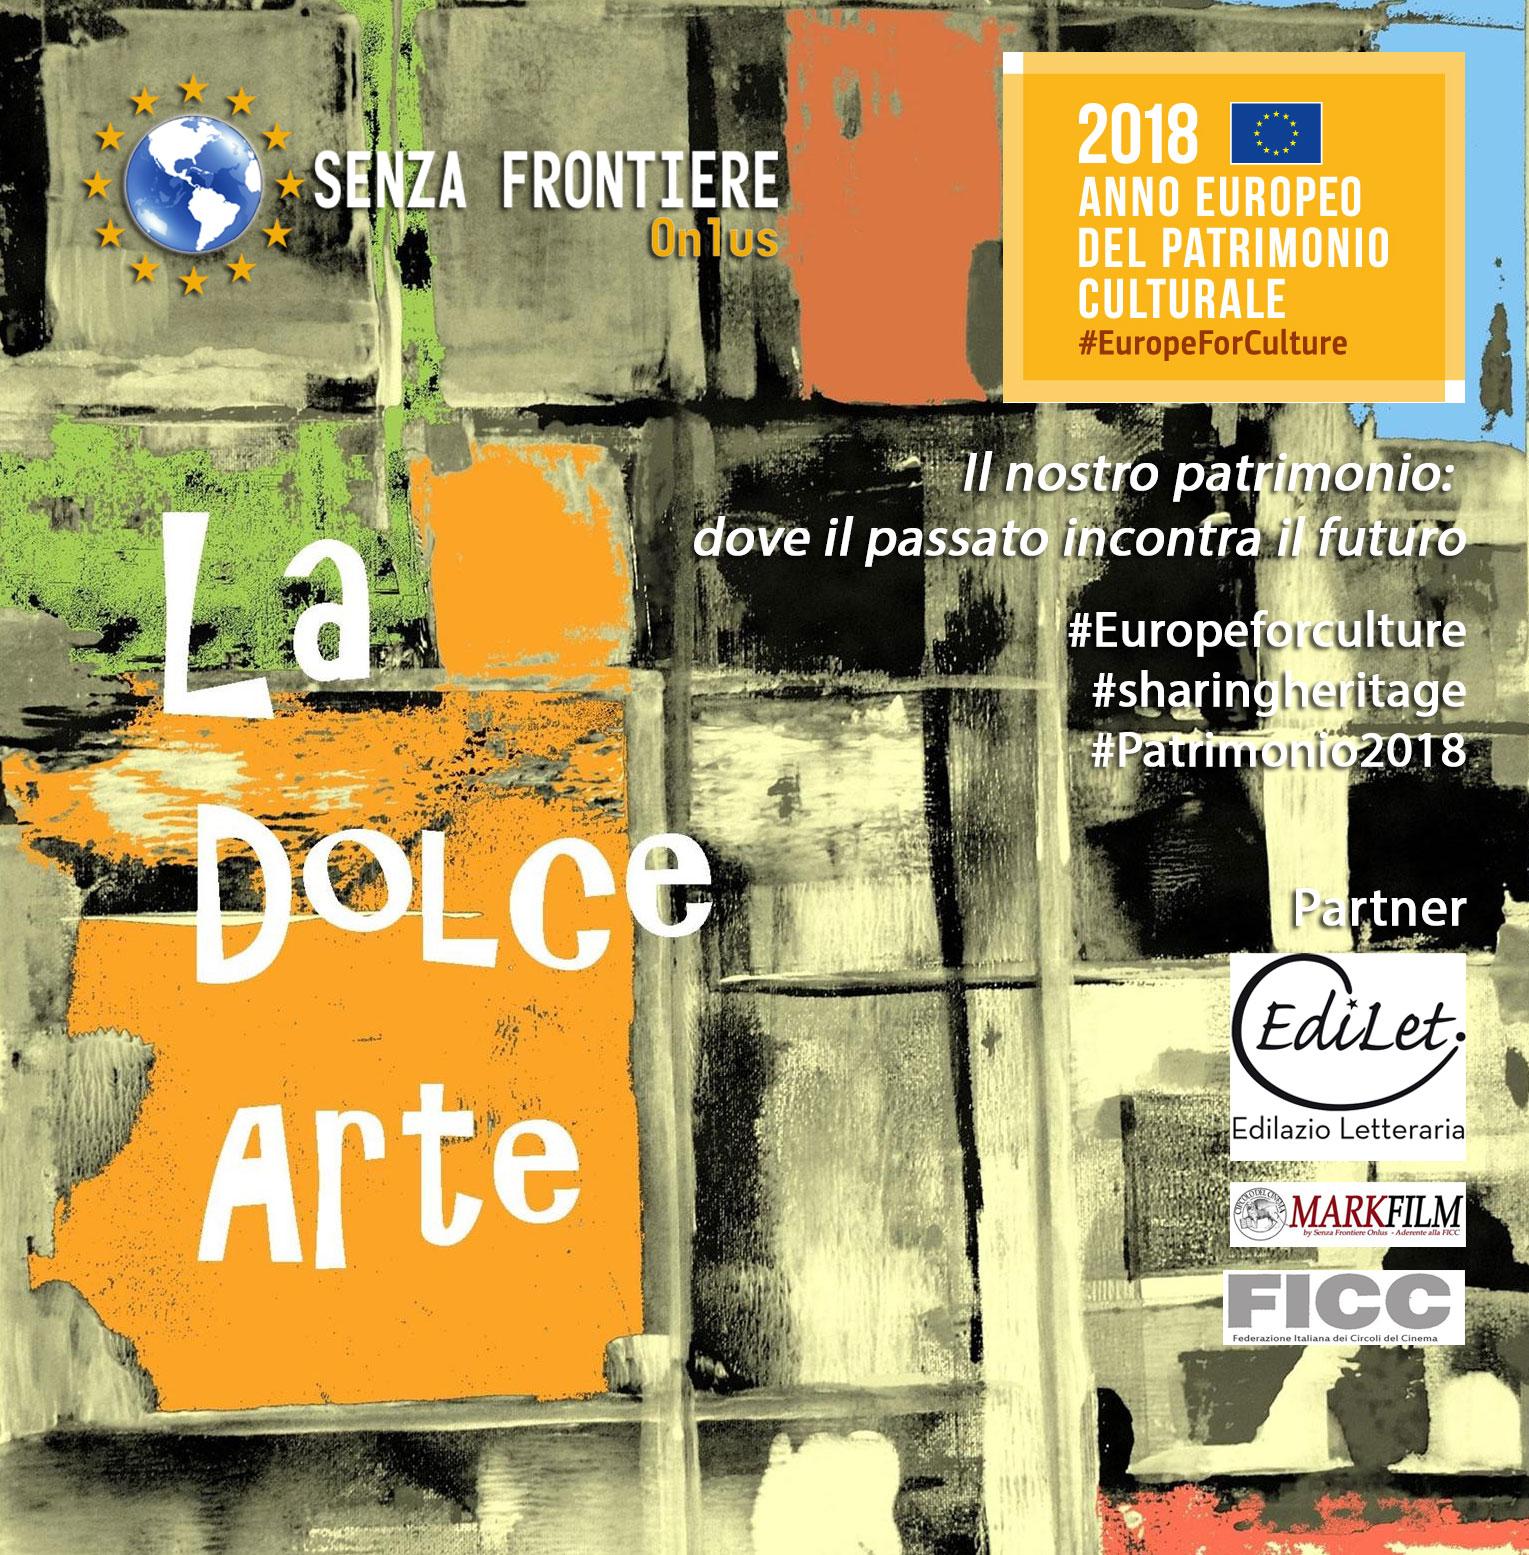 Progetto-Europeo-Cultura-2018-La-Dolce-Arte